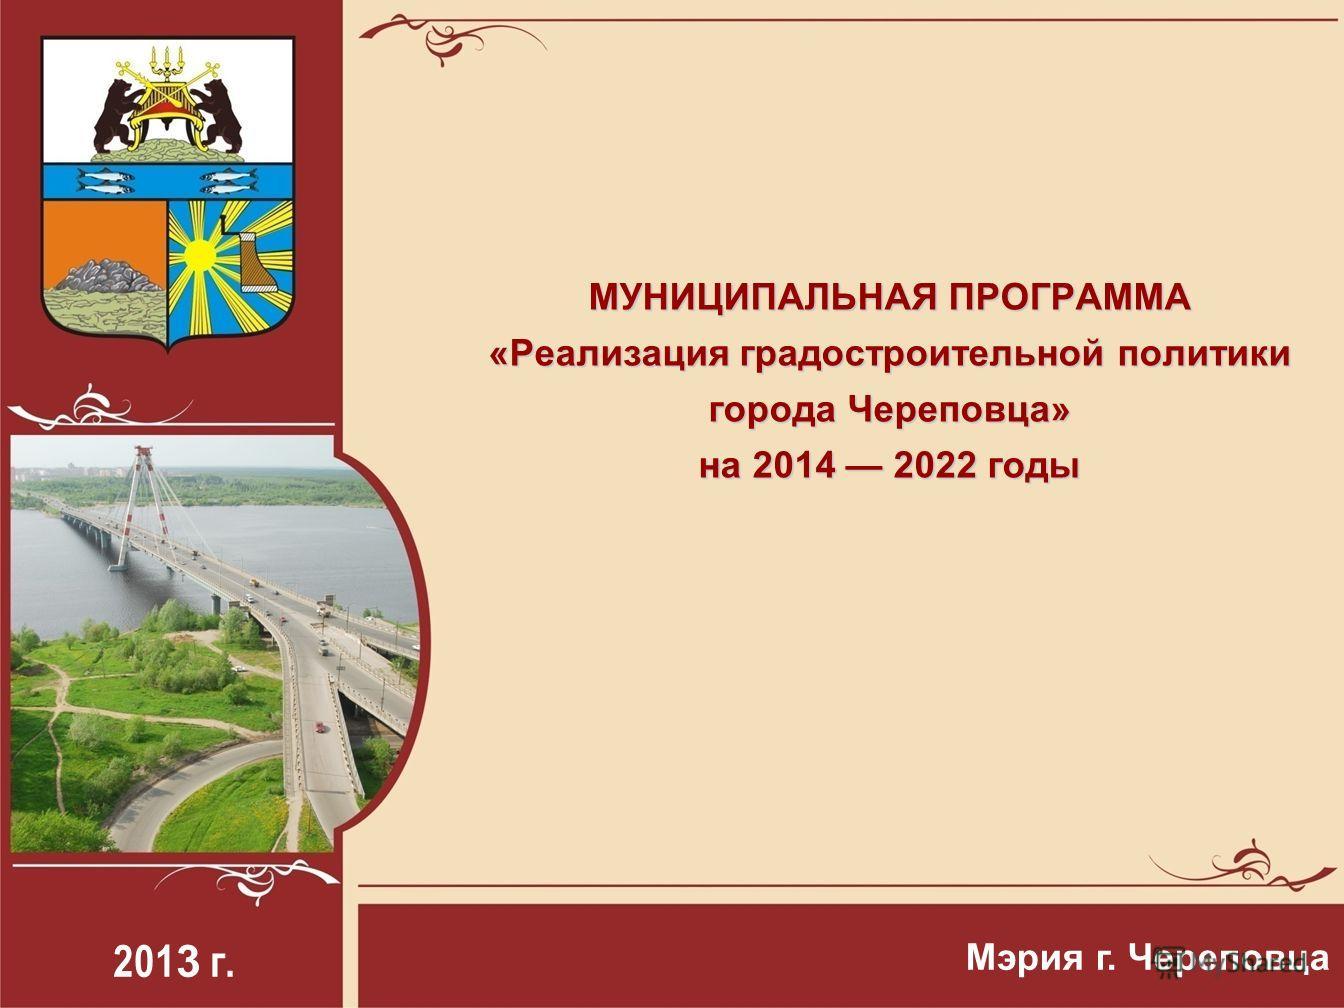 201 3 г. Мэрия г. Череповца МУНИЦИПАЛЬНАЯ ПРОГРАММА «Реализация градостроительной политики города Череповца» на 2014 2022 годы